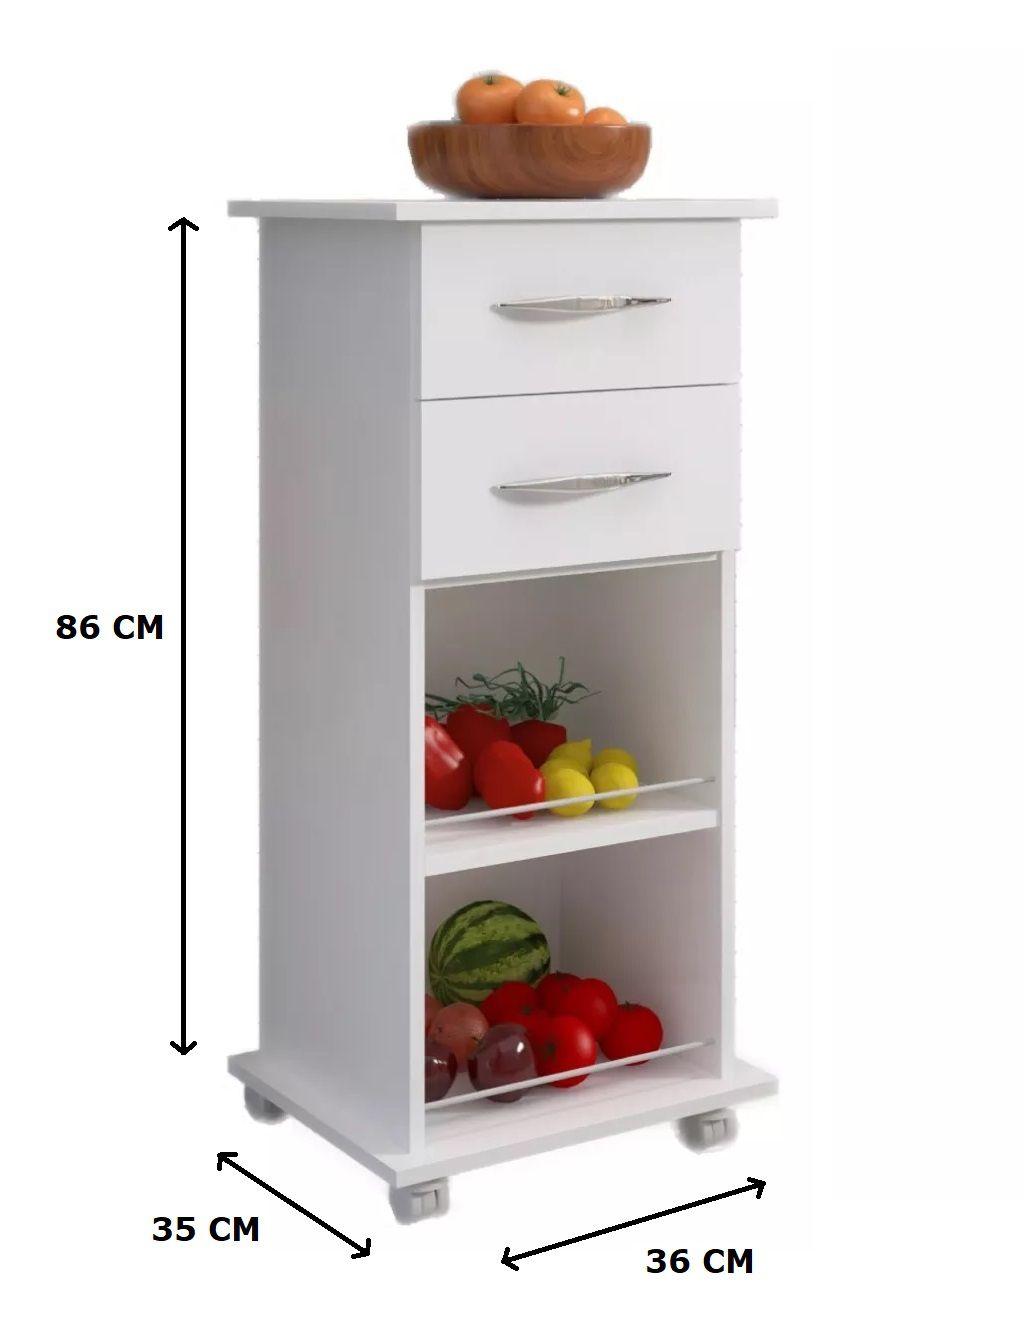 Fruteira Cozinha Multiuso Base Bebedouro 2 Gavetas Branco